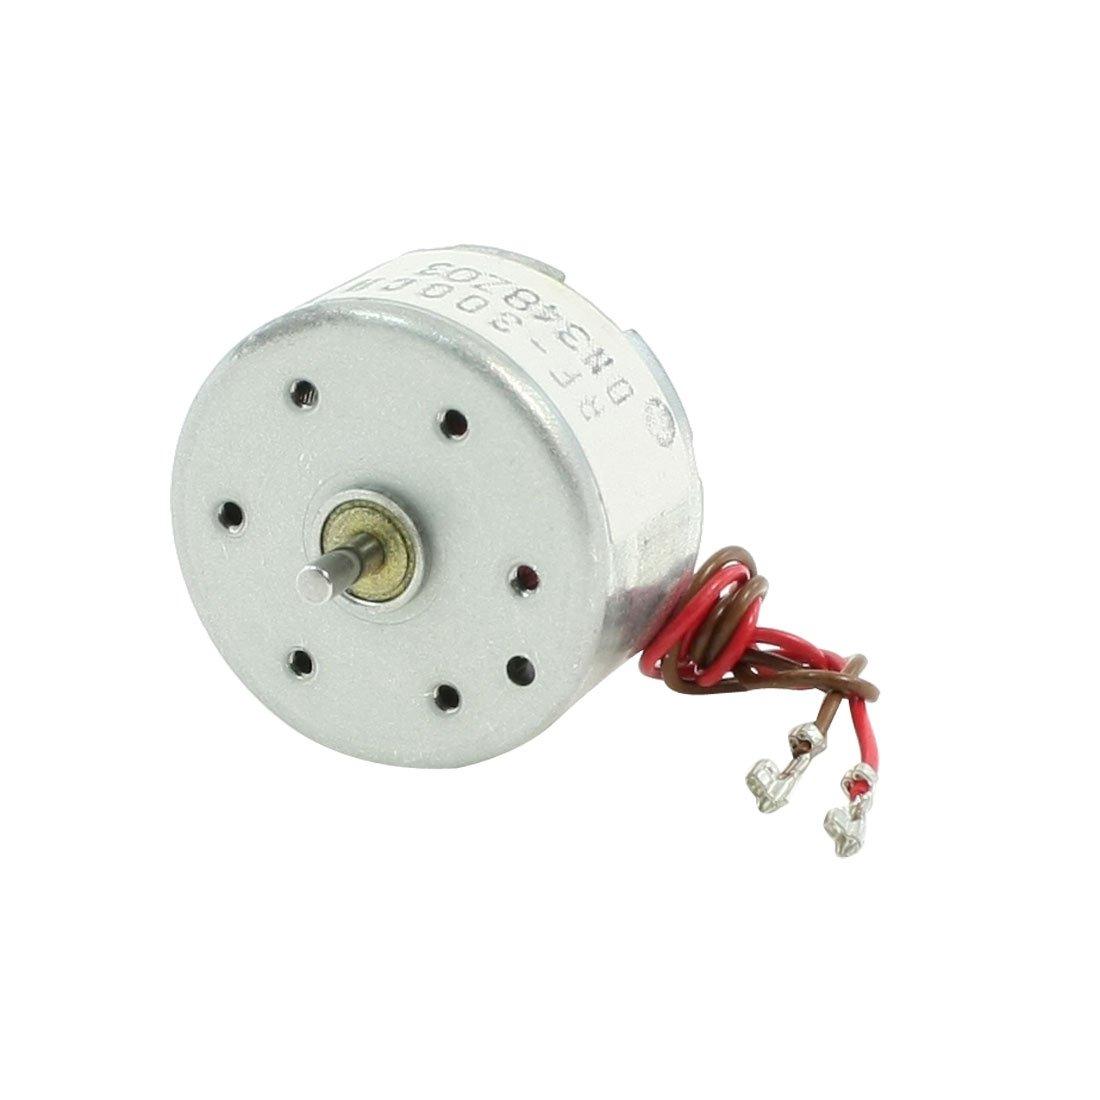 9/V Micro Moteur pour lecteur de CD 2/pcs Rc300-ft-08800/6000rpm DC 1.5